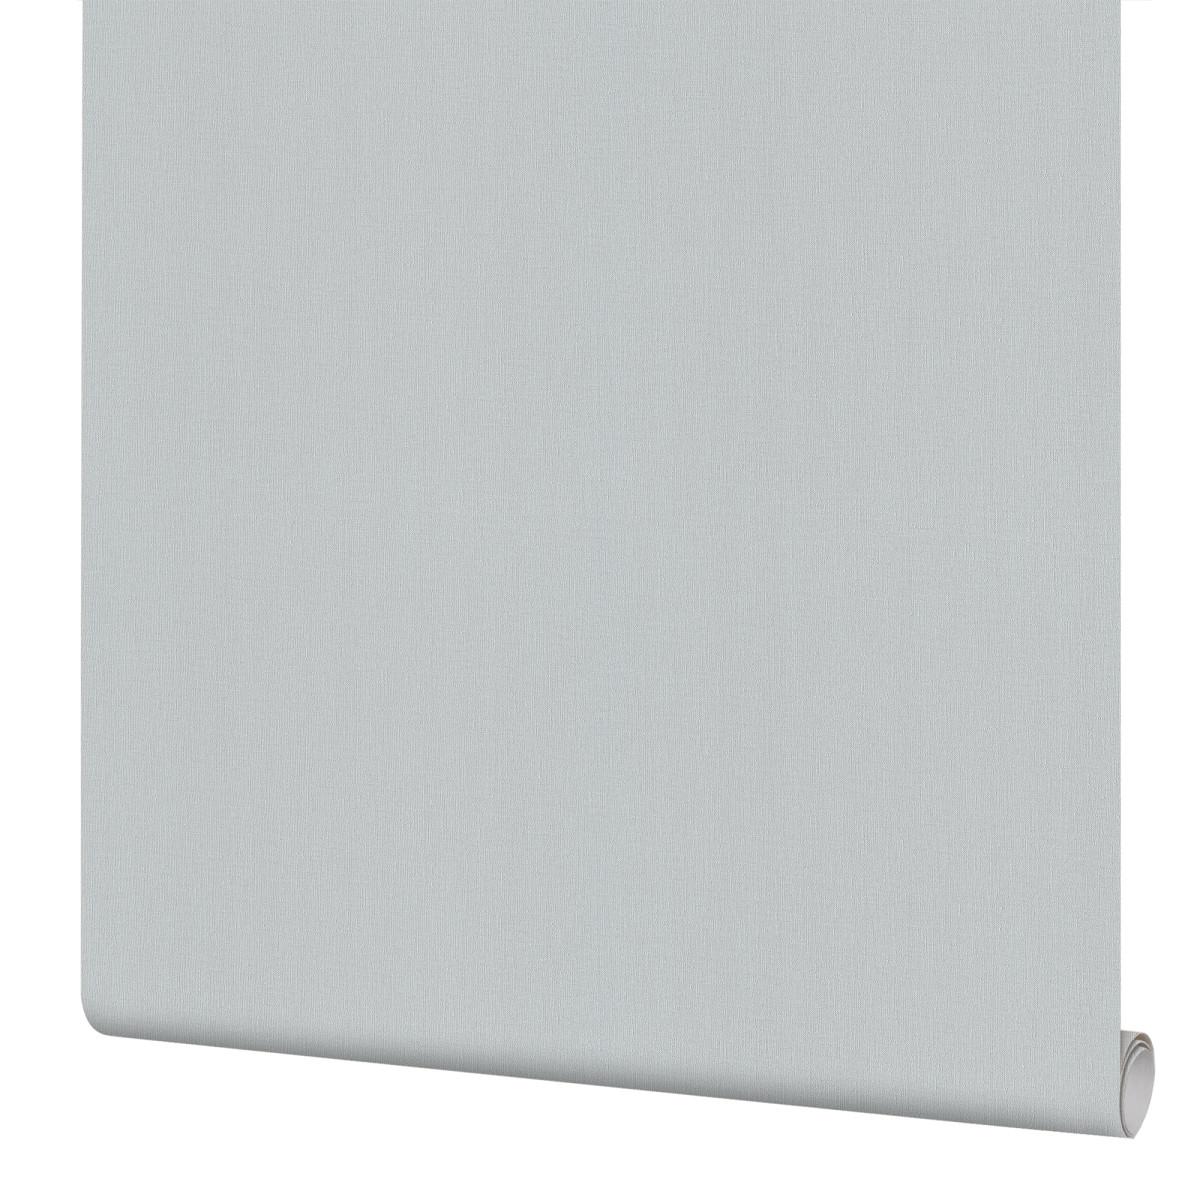 Обои флизелиновые Inspire Carolyn серые 1.06 м 641653